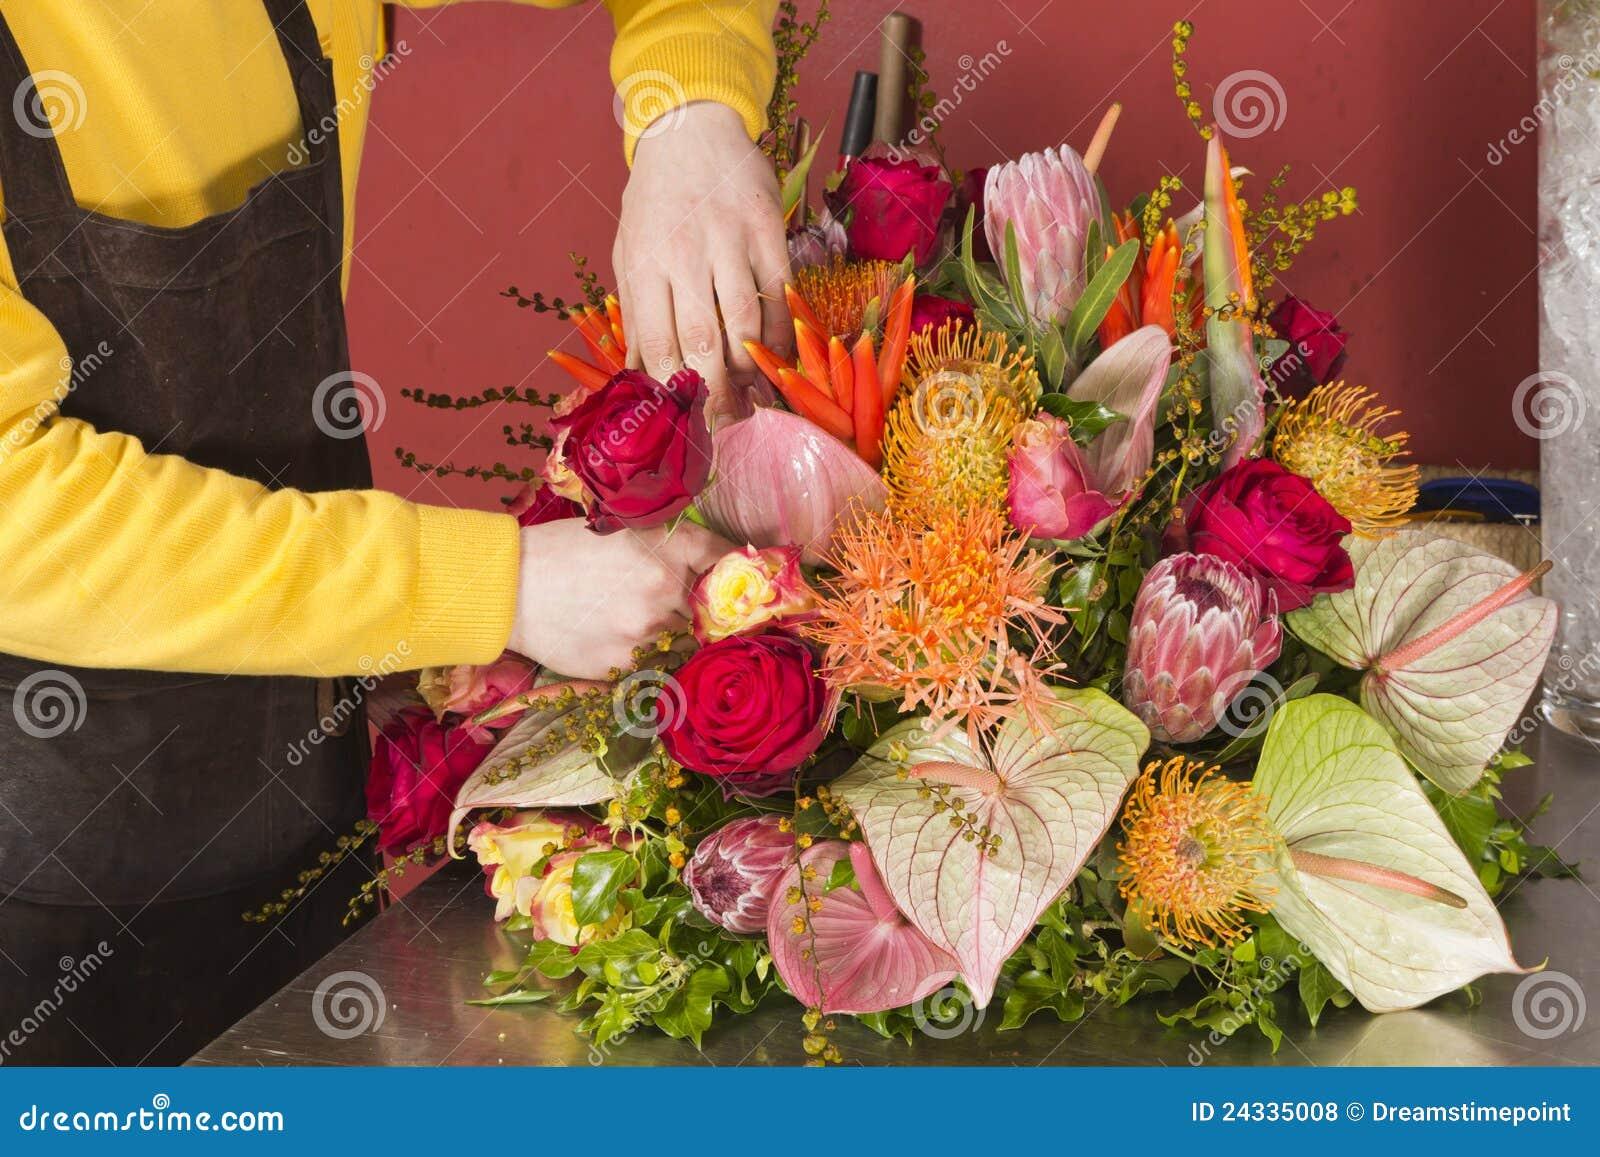 安排花束卖花人花富有纯熟